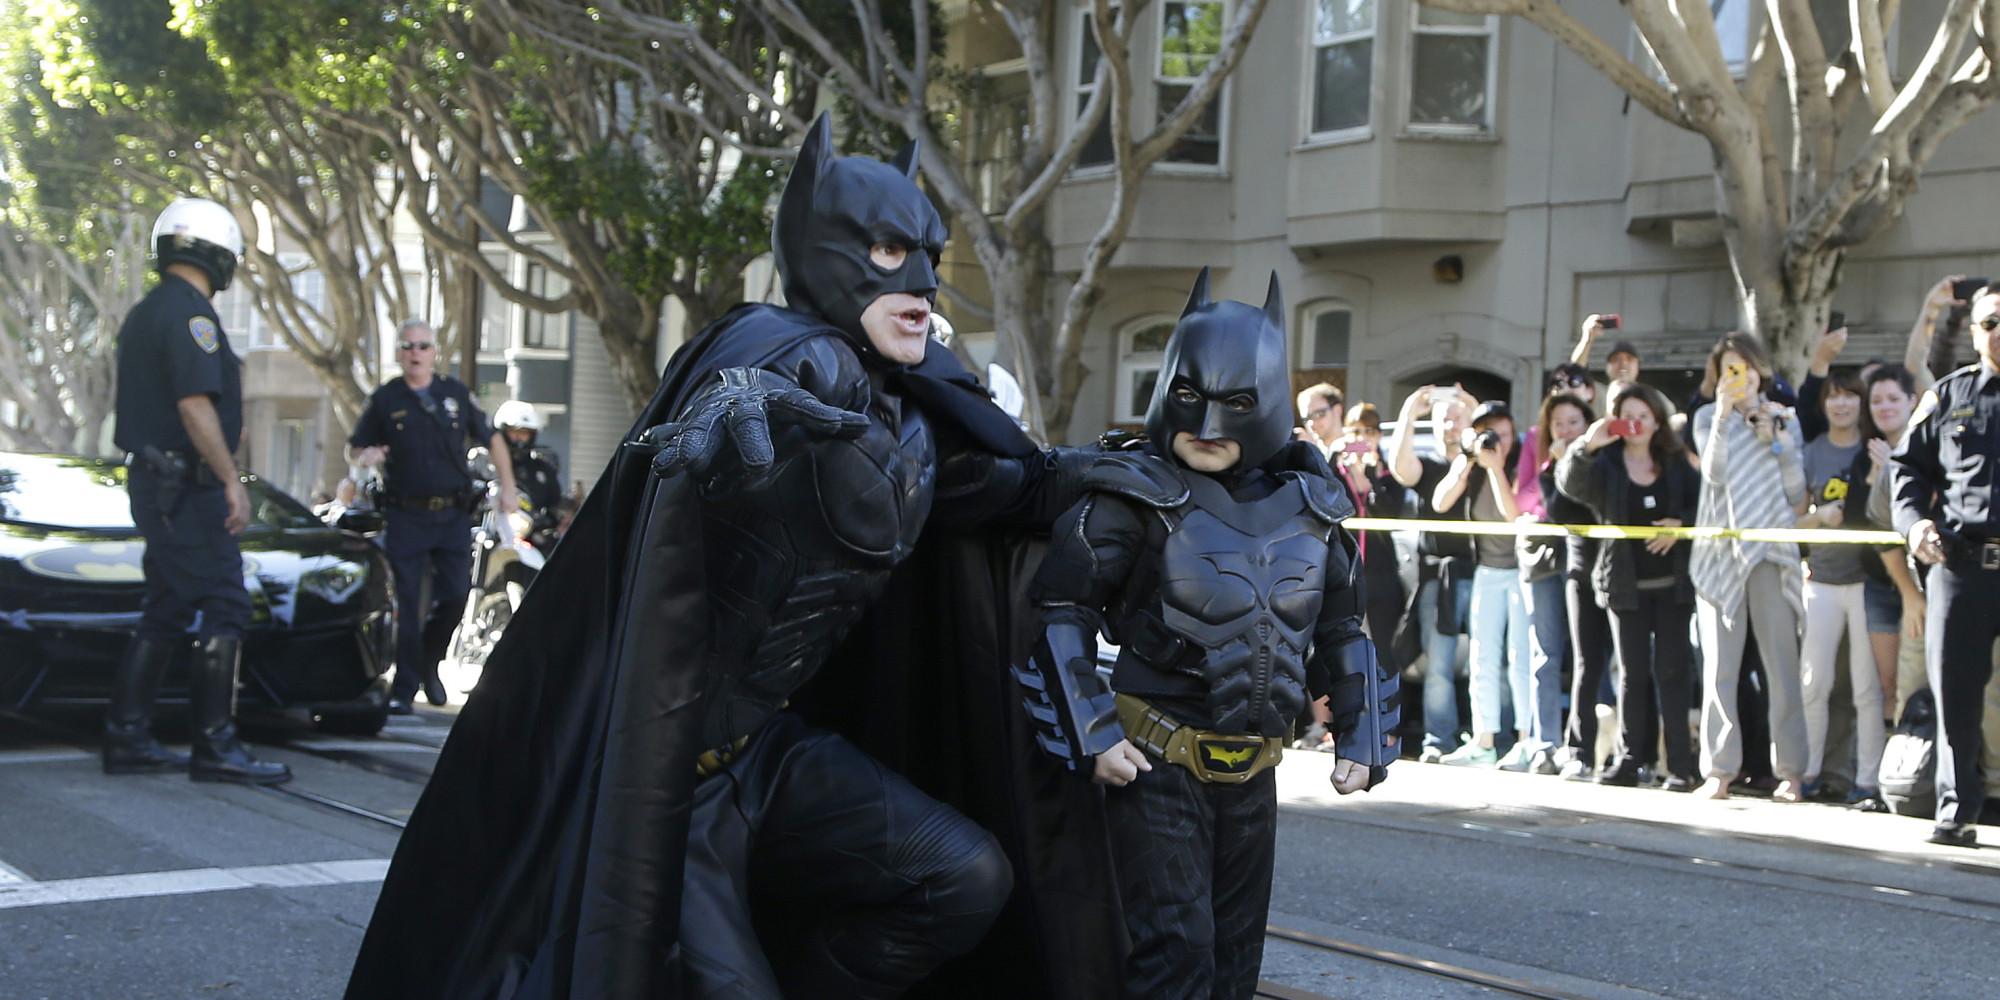 Batkid, supereroe di Gotham City per un giorno